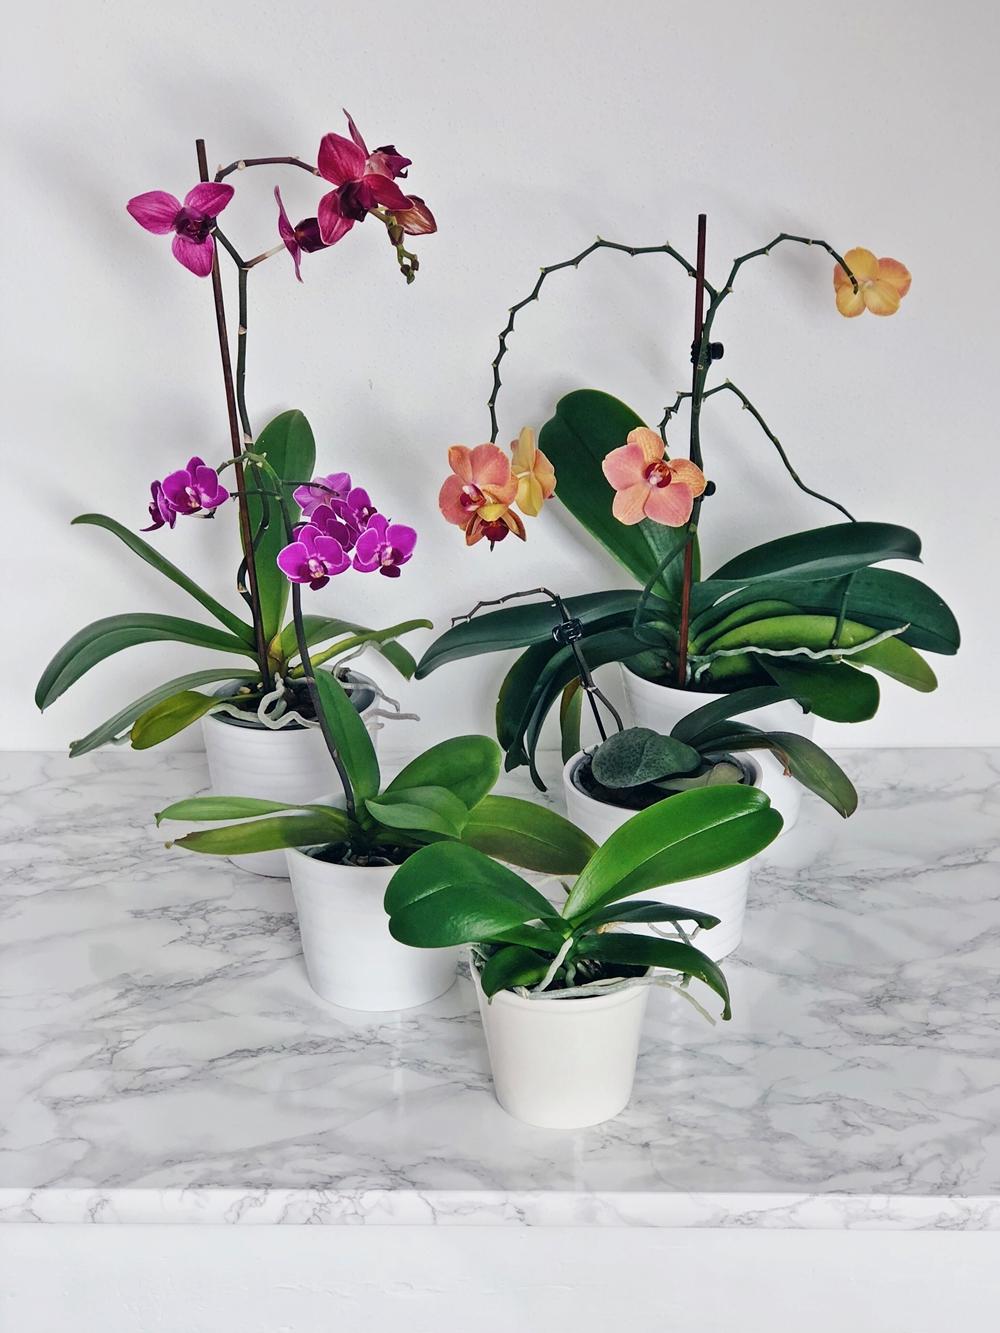 Pflanzen f r pralle sonne im garten wohn design for Pflanzen fur pralle sonne